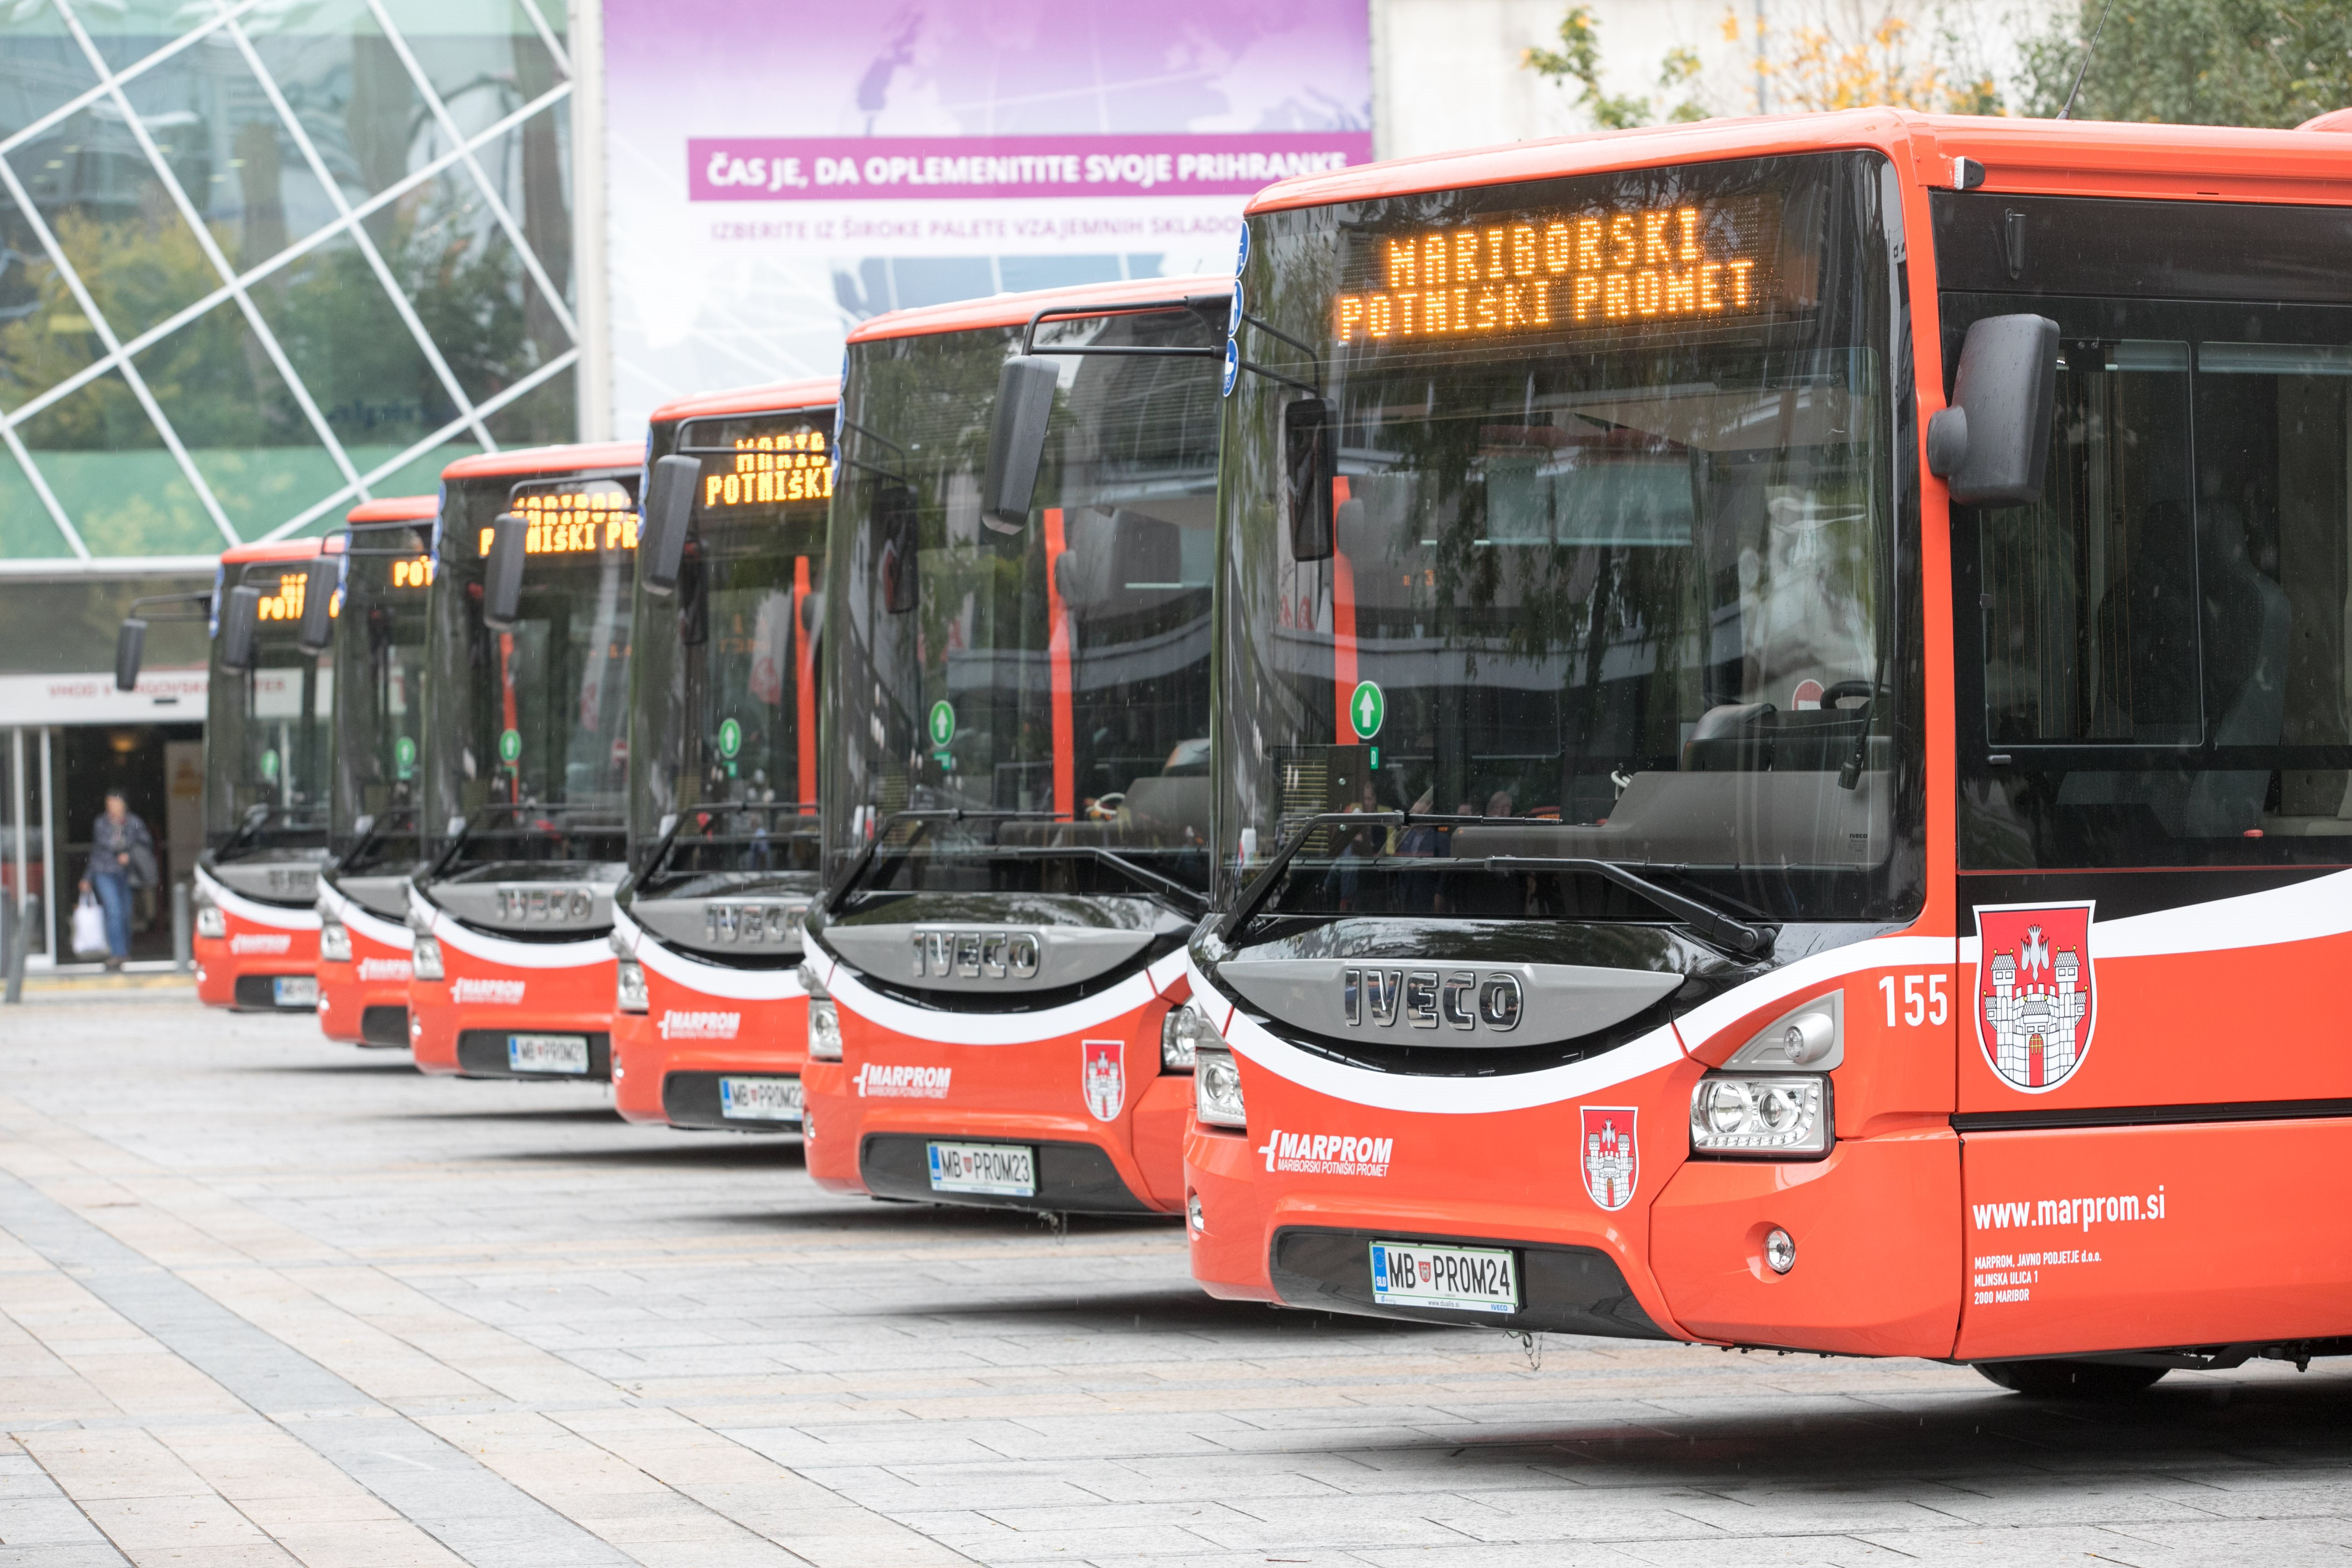 Vozni park mariborskega mestnega potniškega prometa se uvršča med najmlajše in najsodobnejše v Sloveniji.